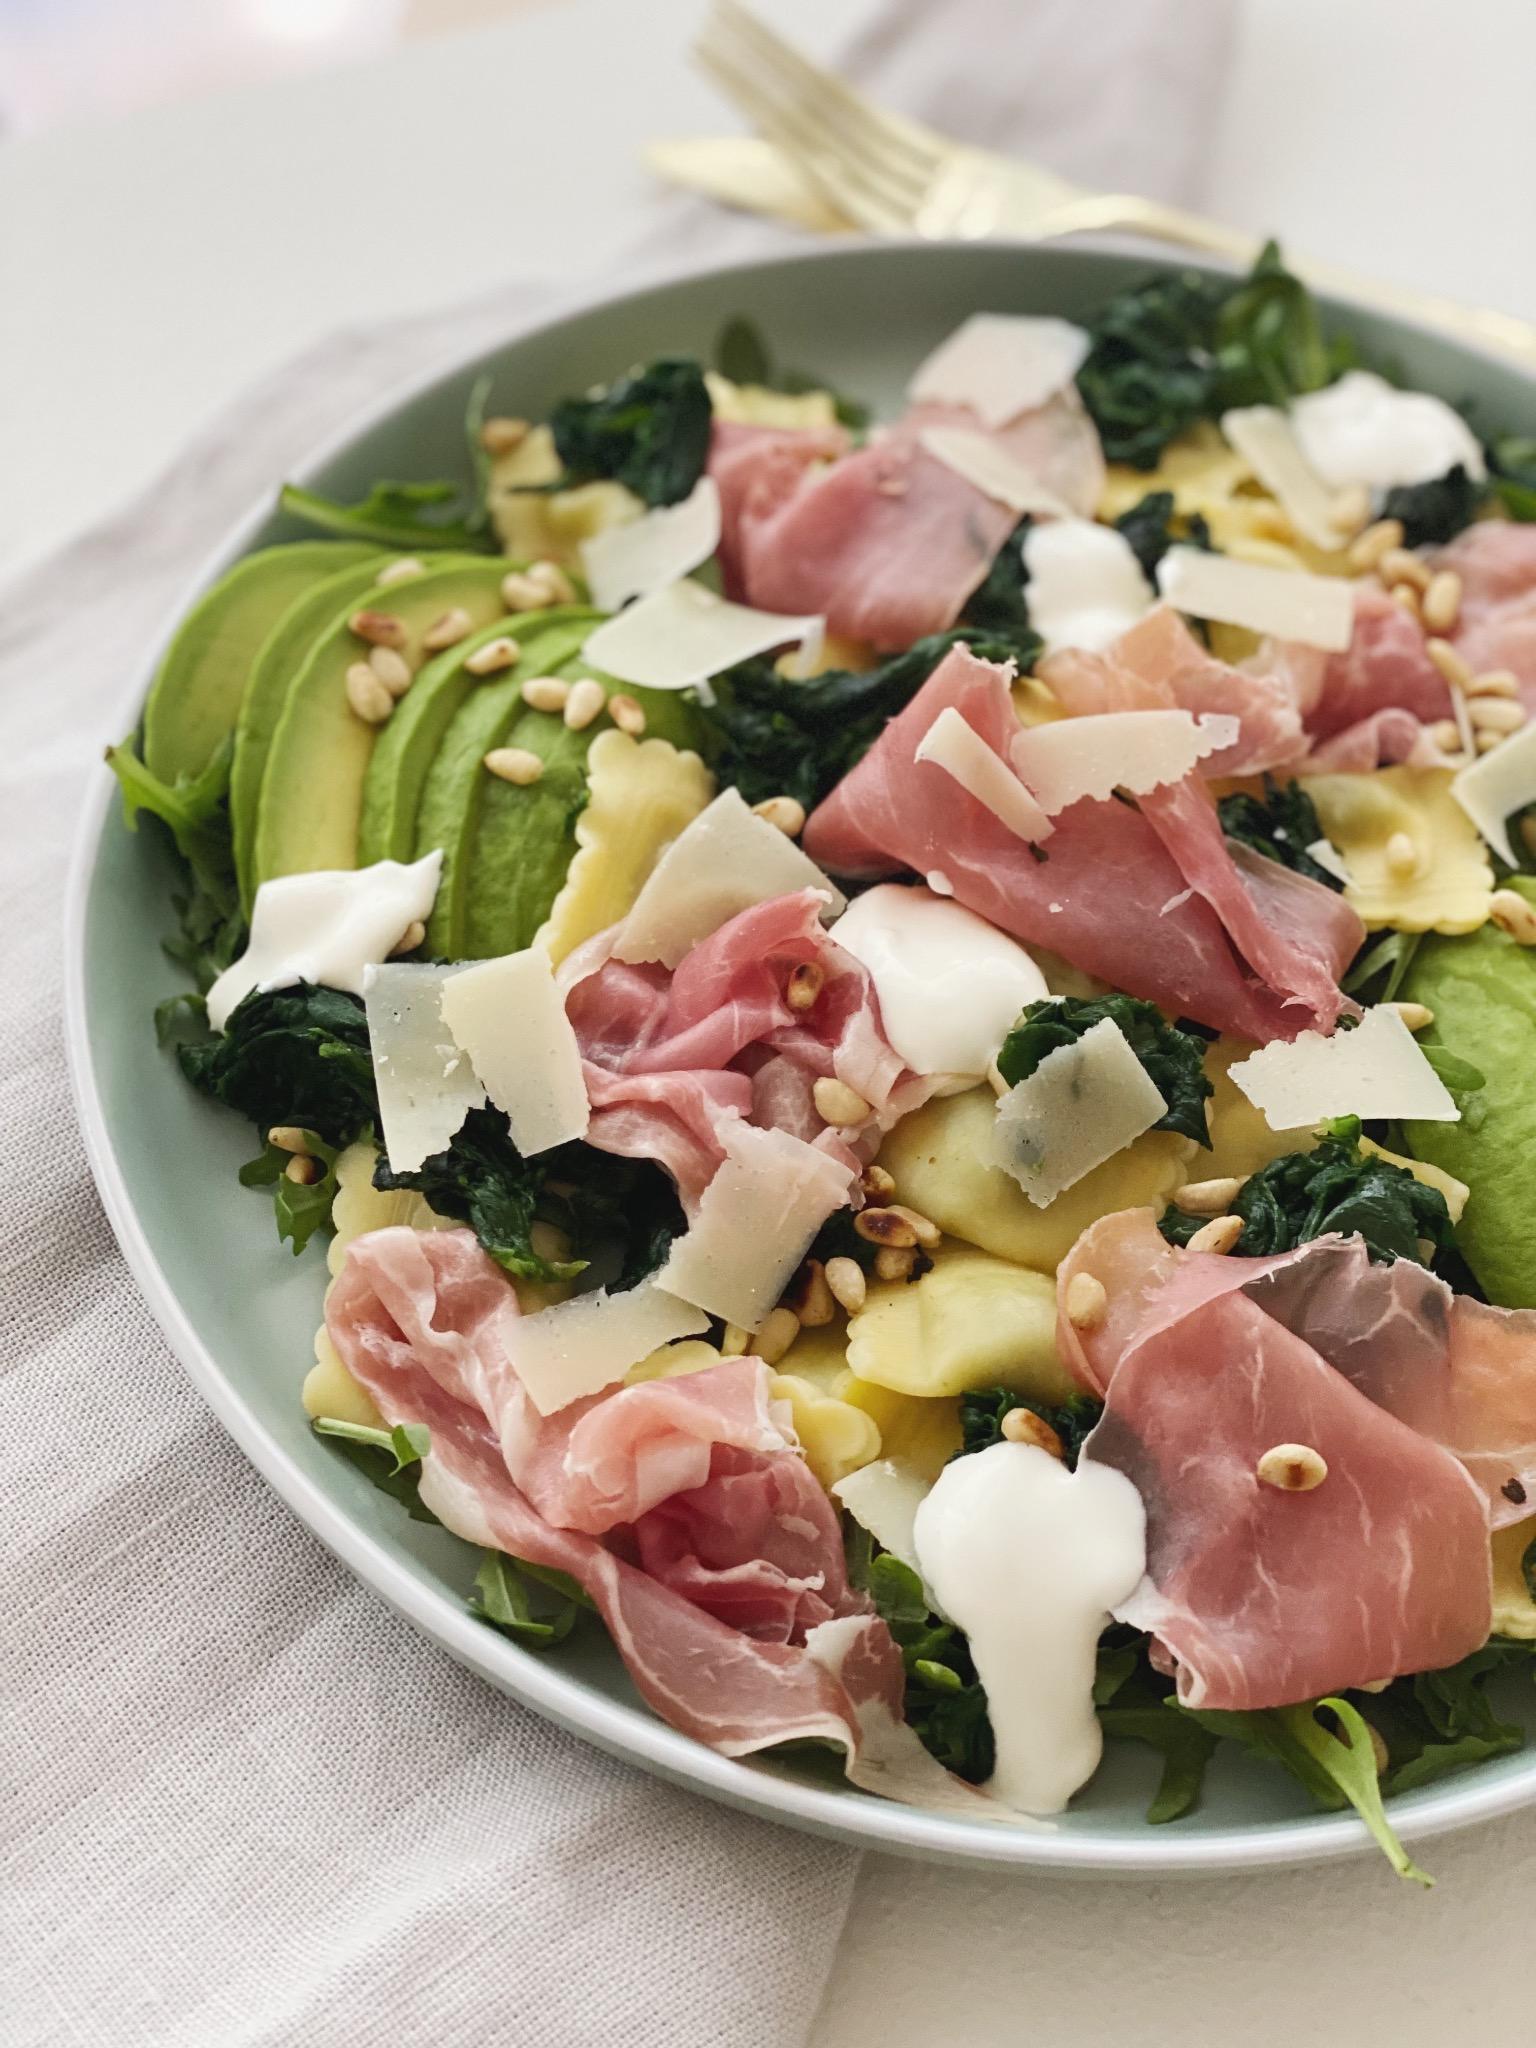 Salat med ravioli og parmaskinke set tæt på